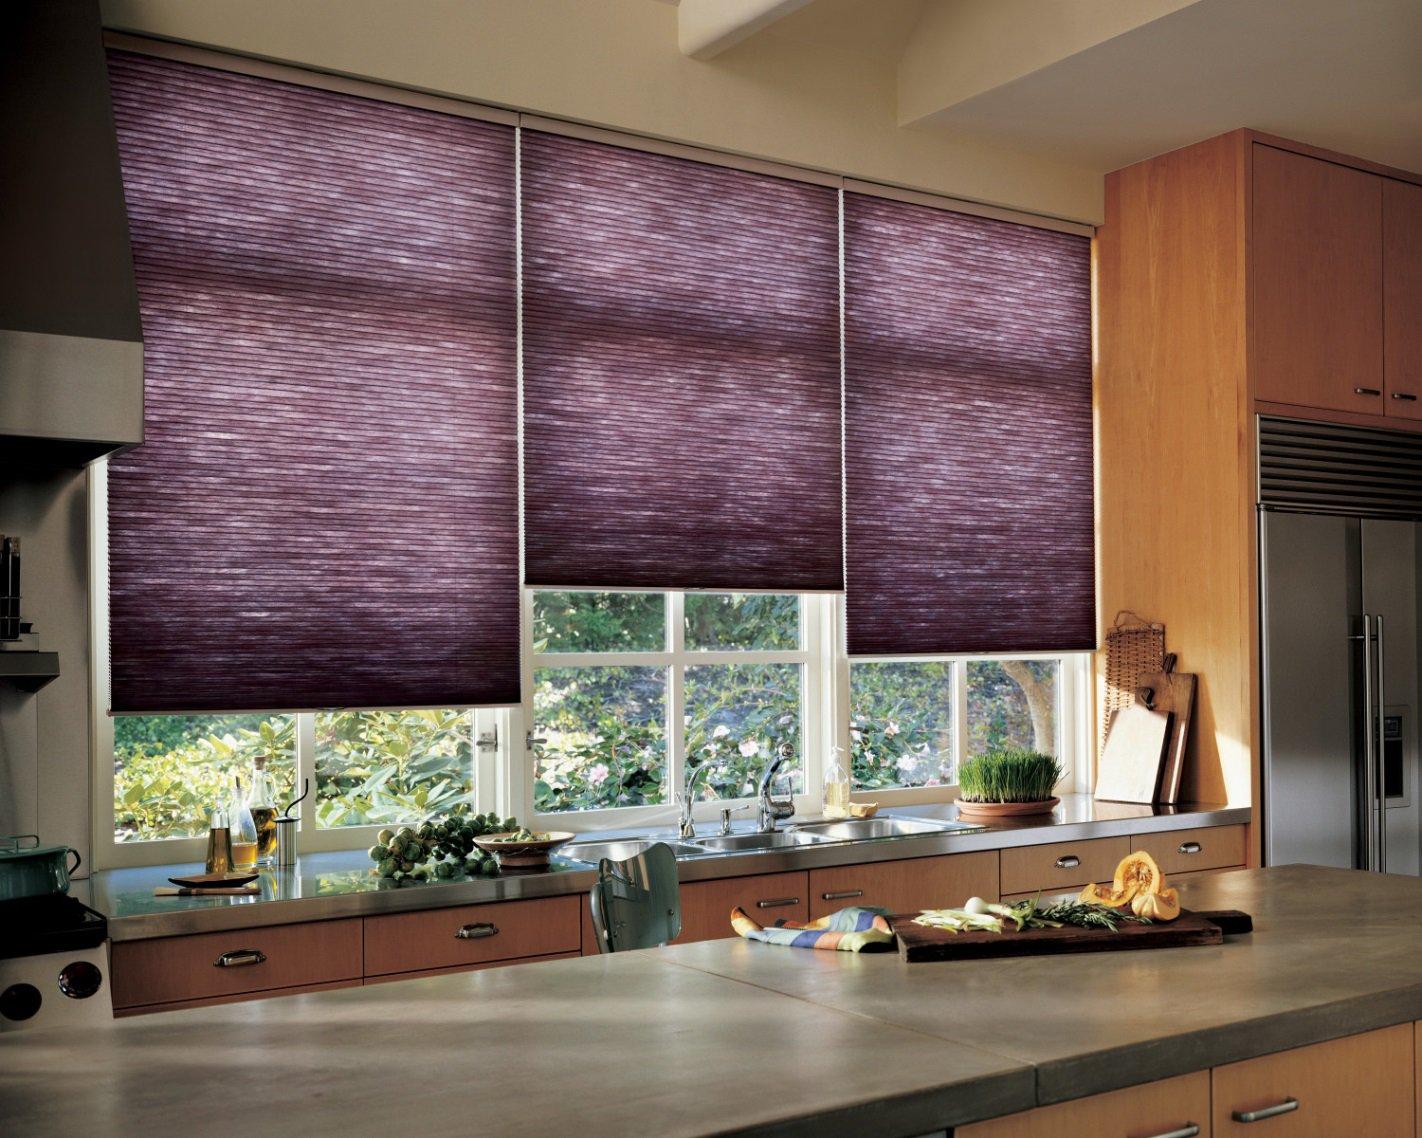 Рулонные шторы на кухне в интерьере фото